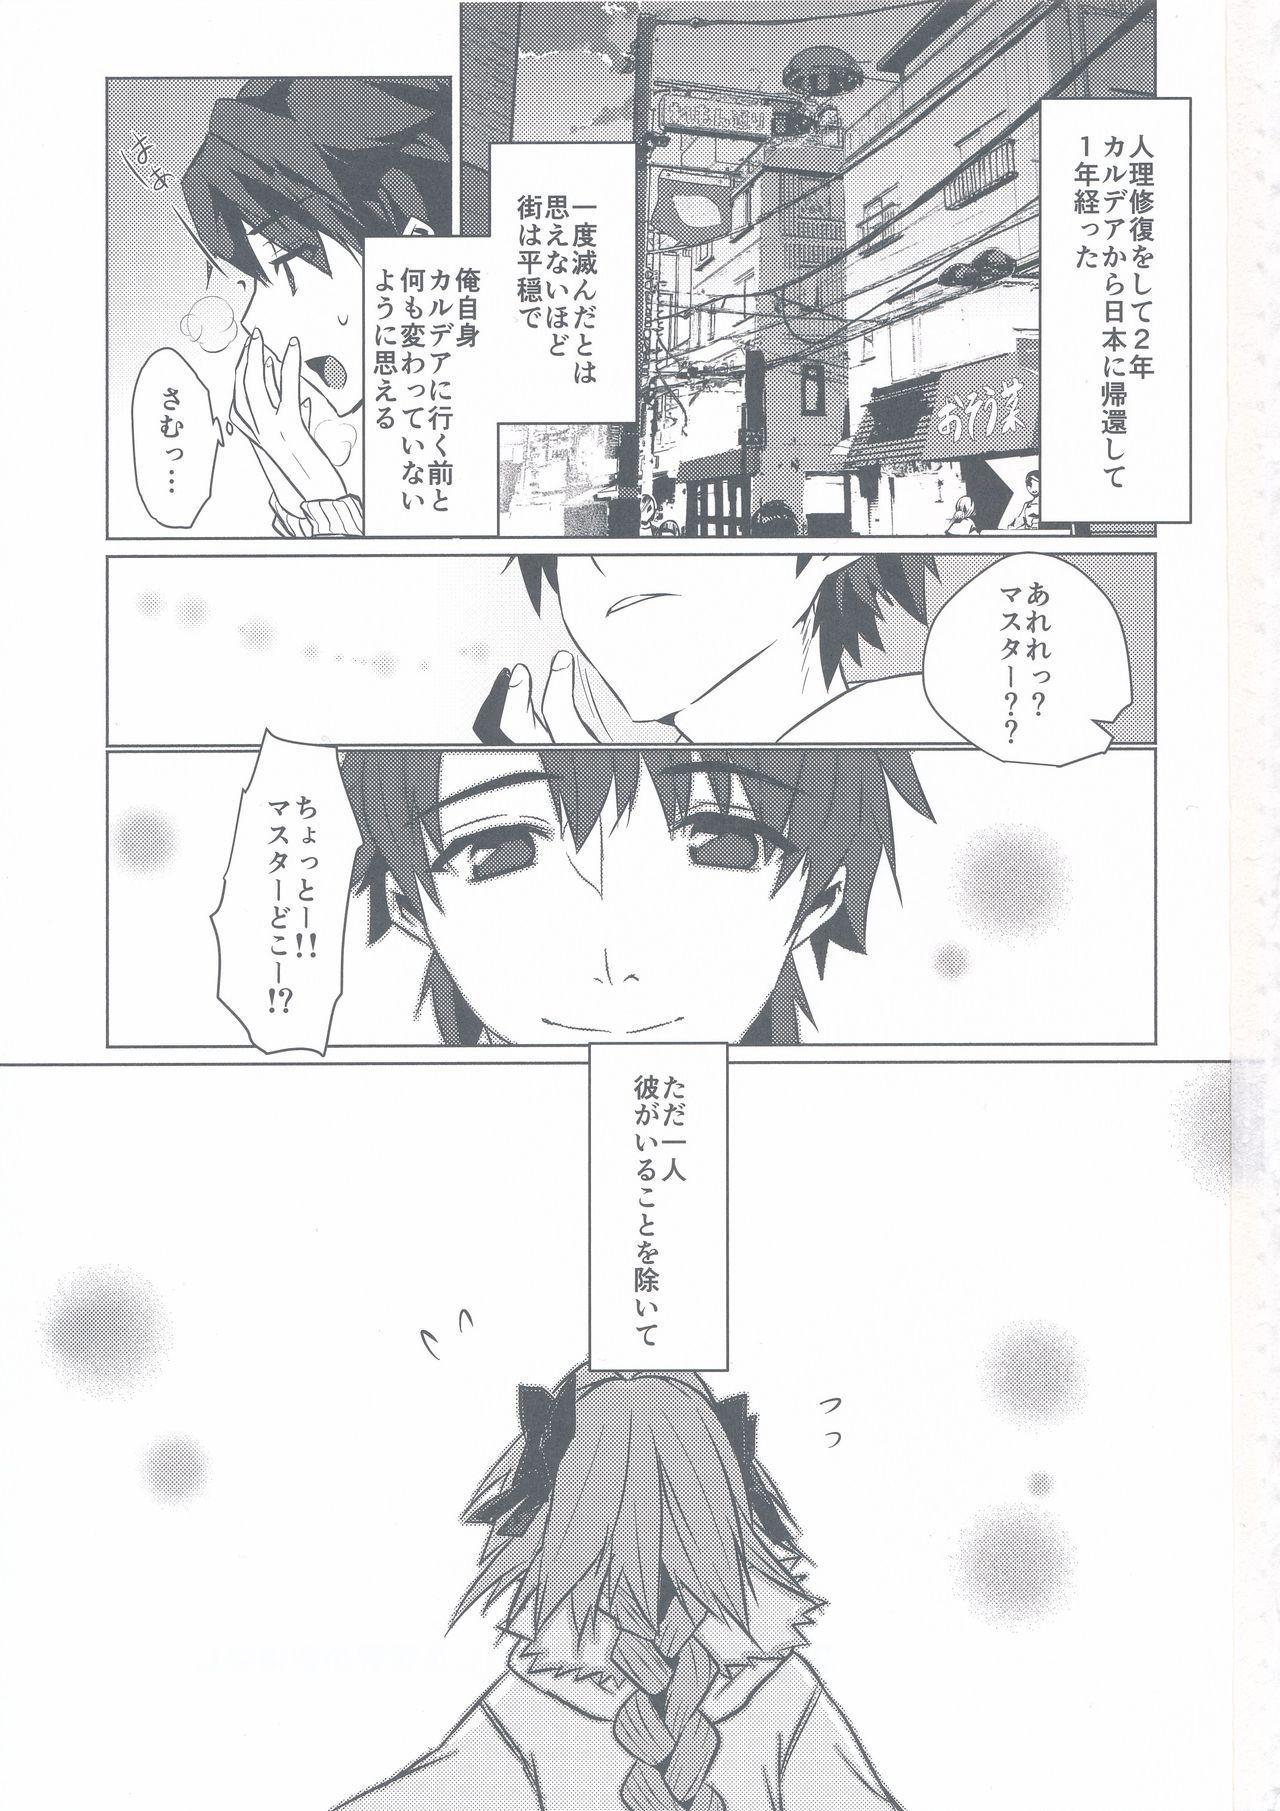 Astolfo-kun to Nenmatsu ni Ichaicha Sugosu Hon 2